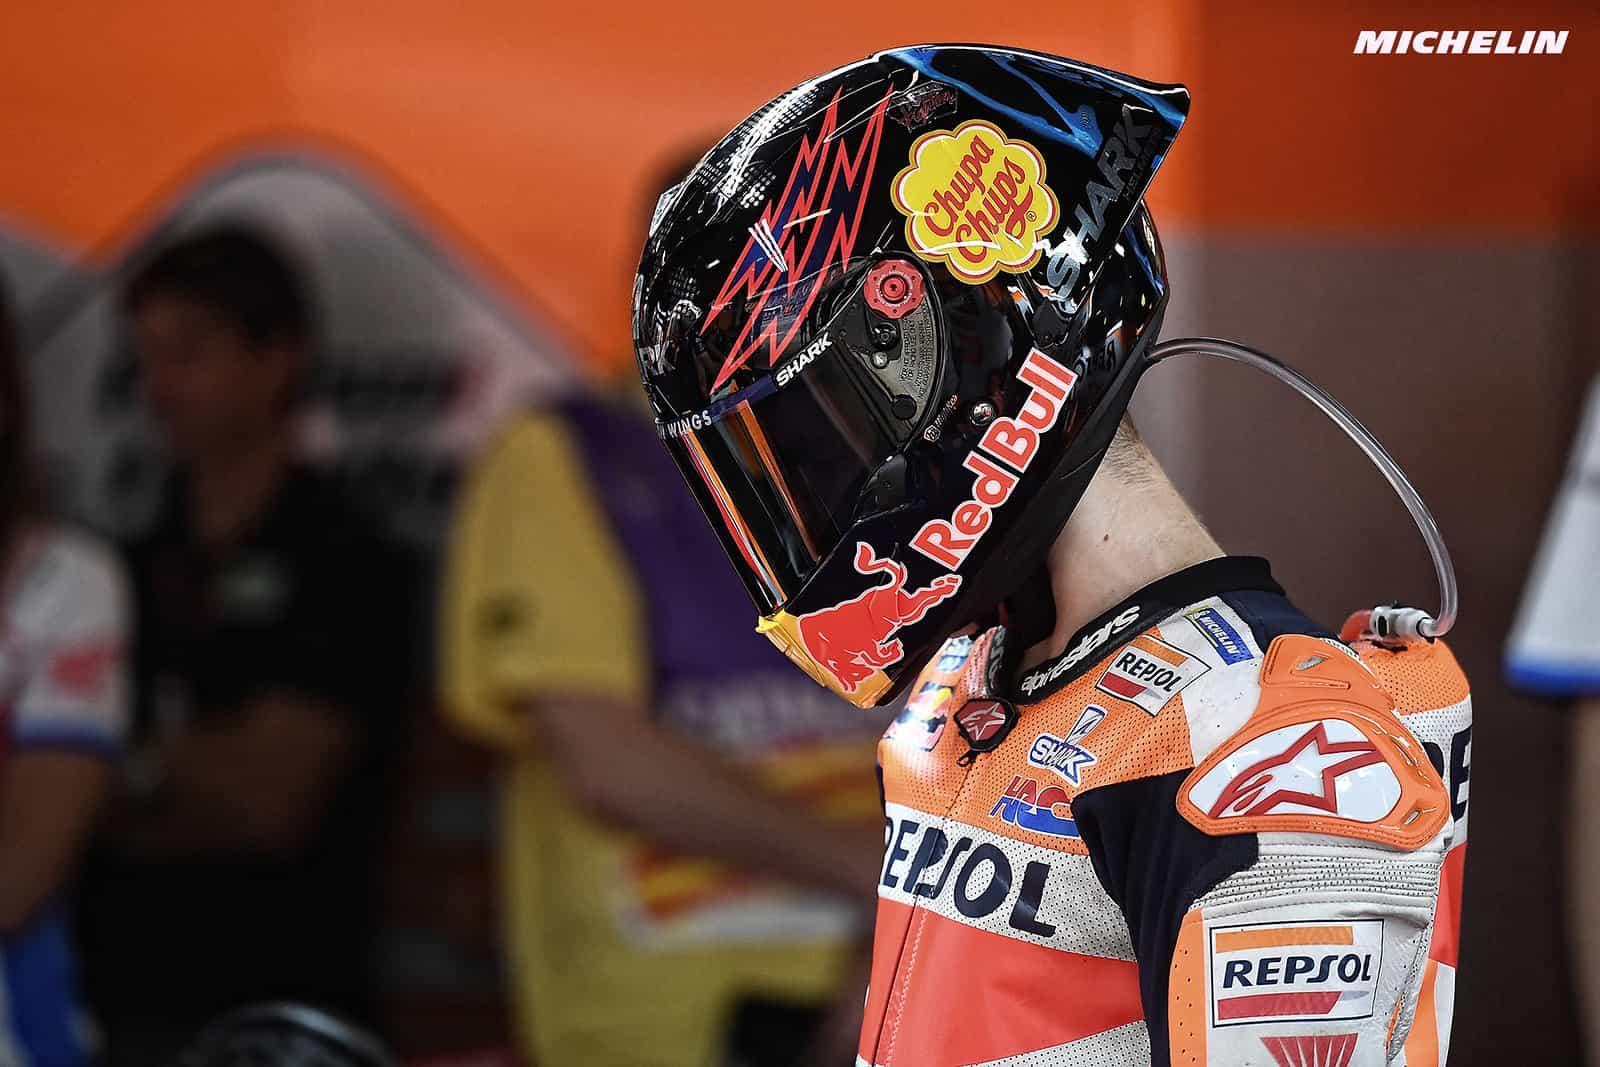 ロレンソ チェコ、オーストリアを欠場し、イギリスGPでの復帰を目指す